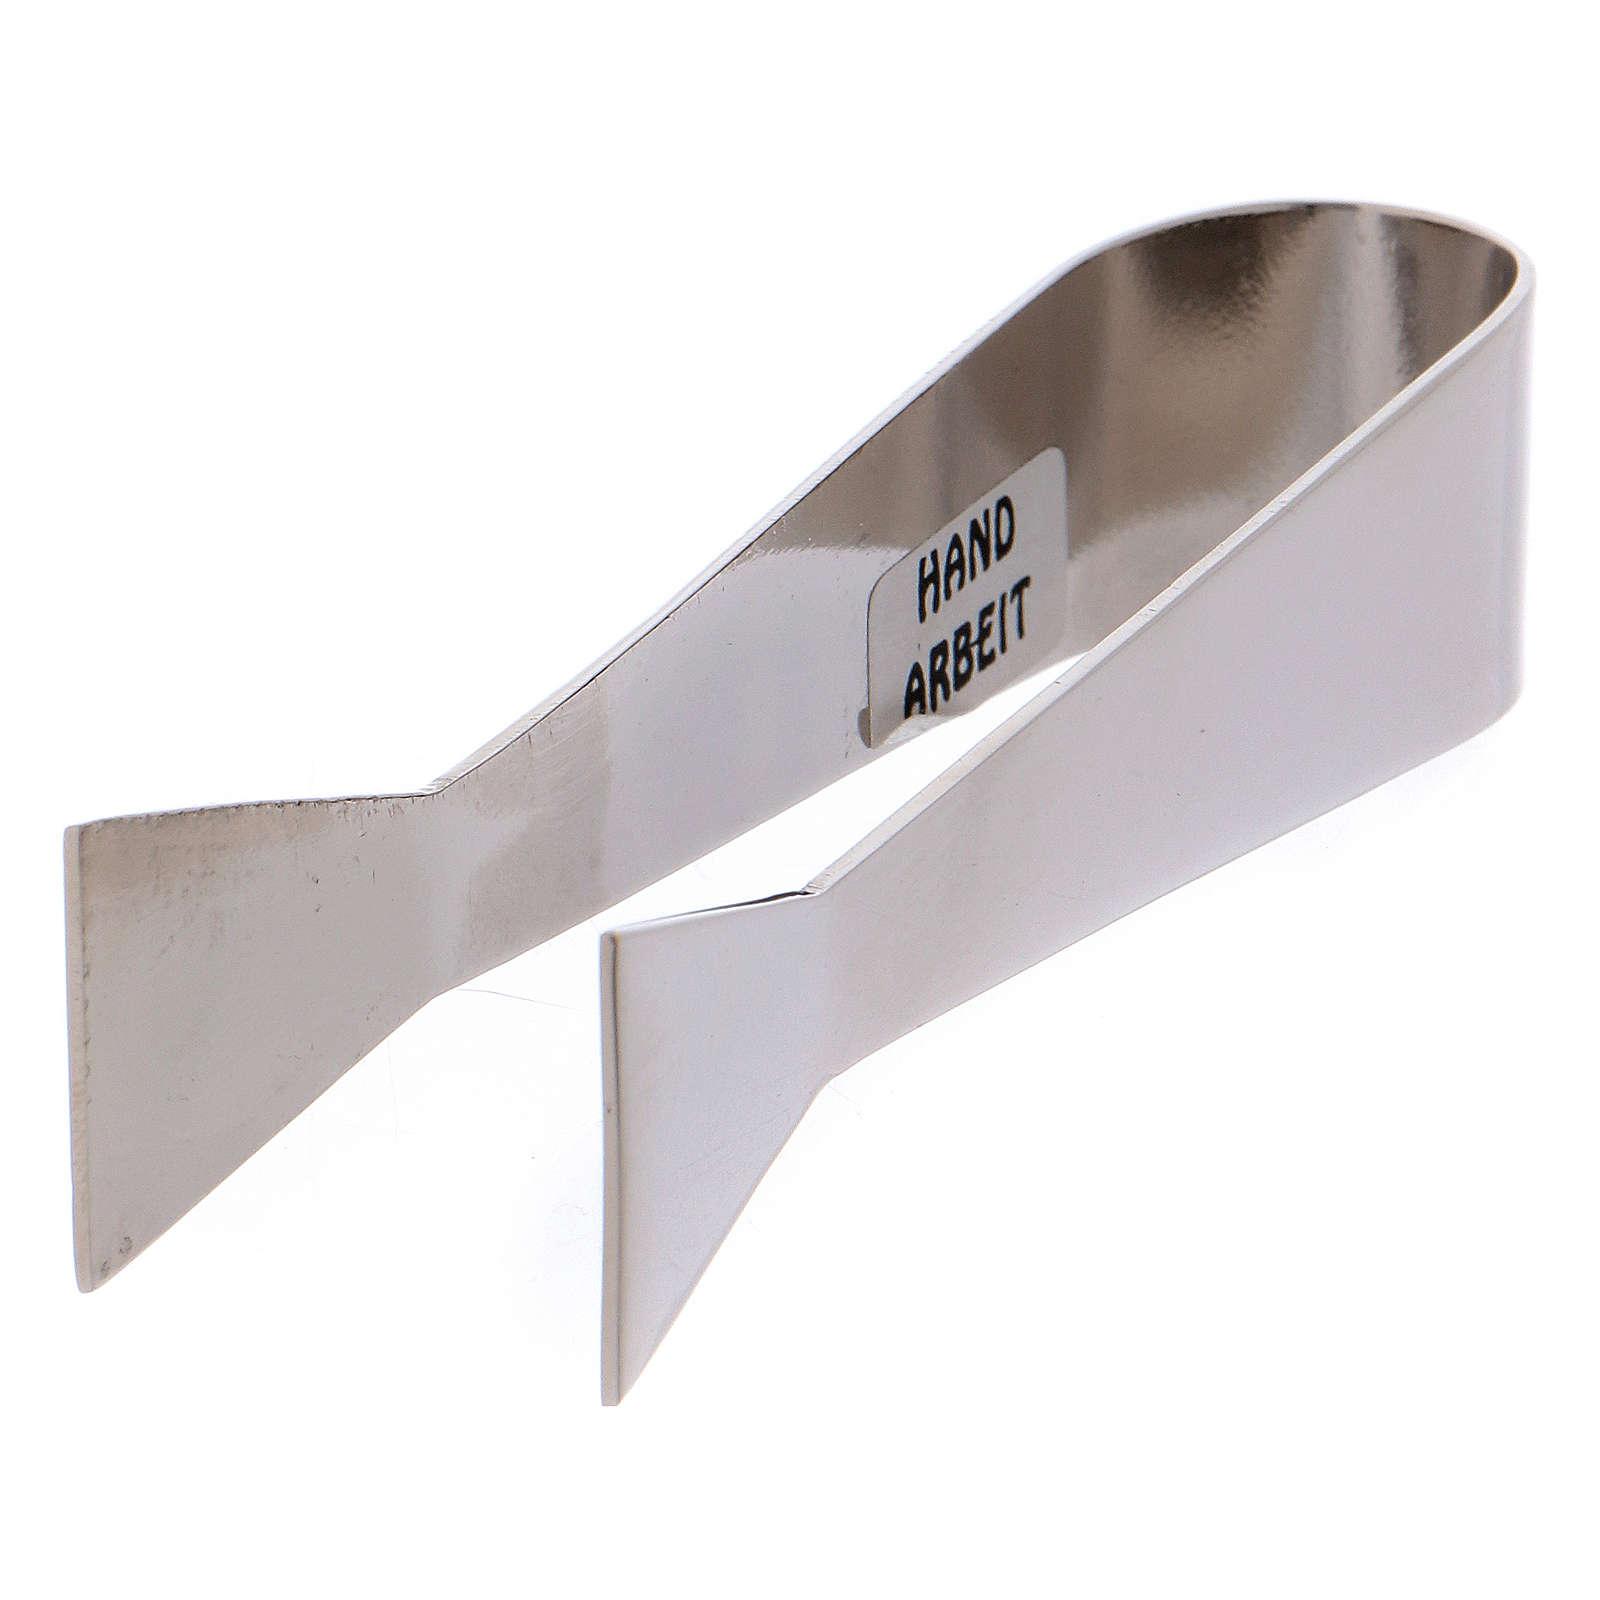 Pince pour hosties et charbons laiton nickelé 10 cm 3